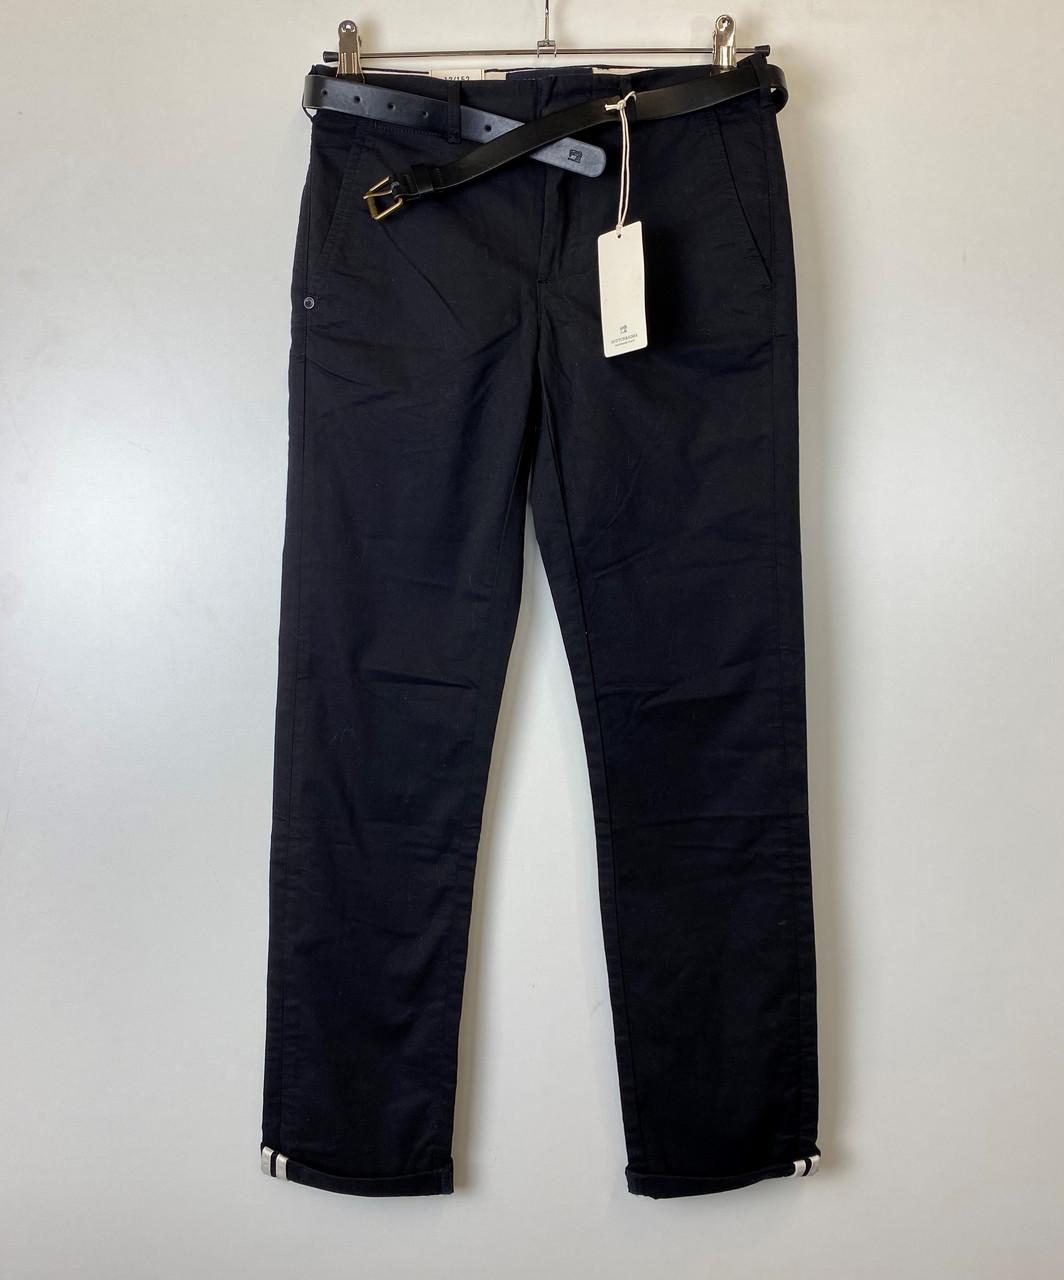 Штаны мужские Scotch & Soda цвет черный размер 152 арт 14183718-SSBD-C80